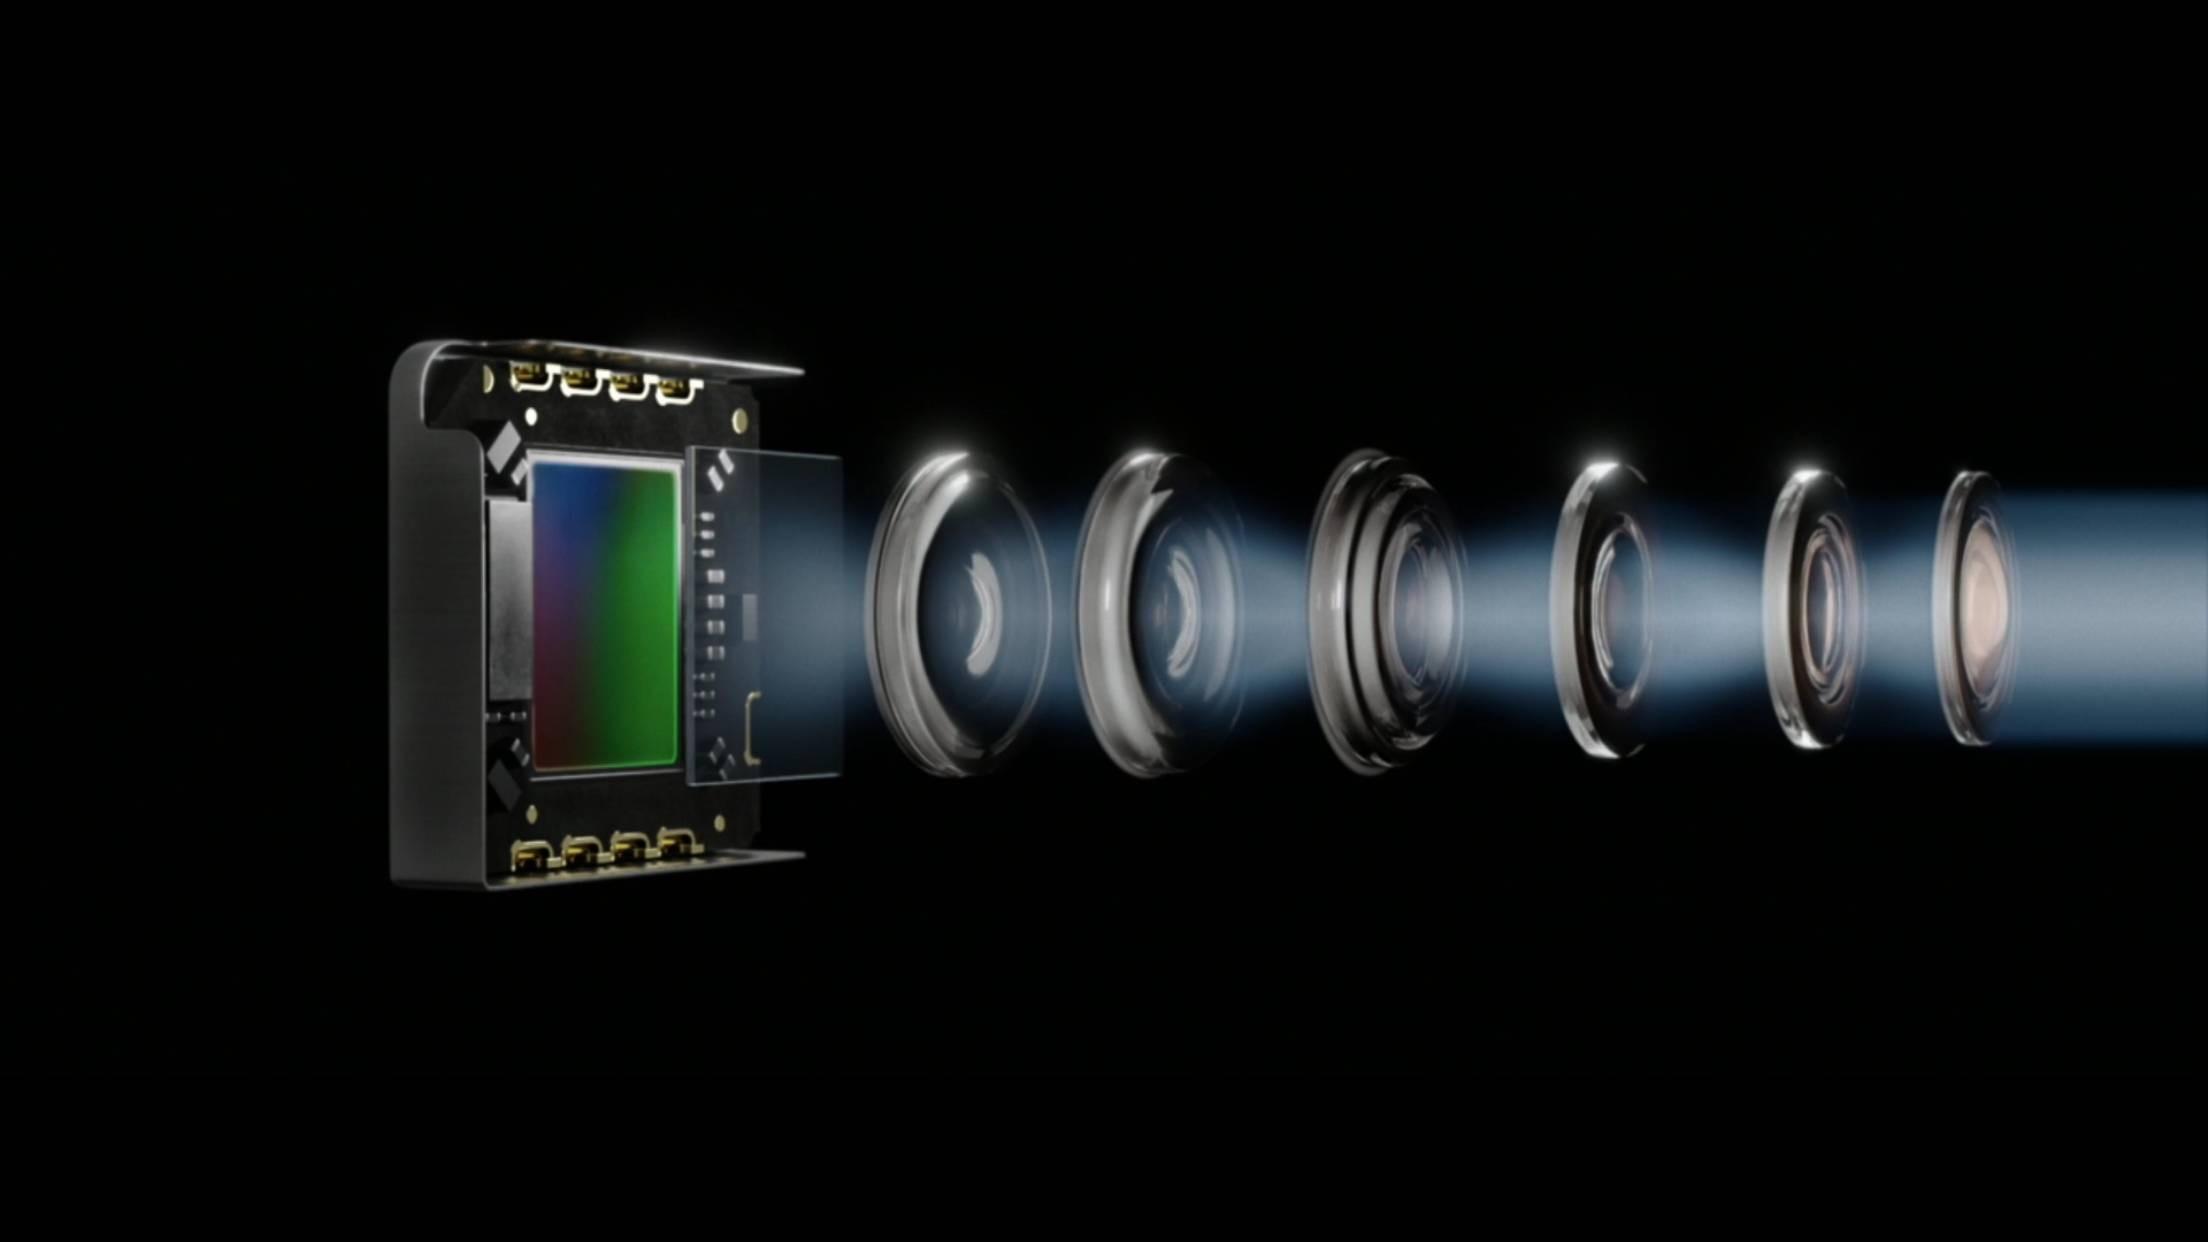 技术分析:单摄像头是如何压制双摄军团的?